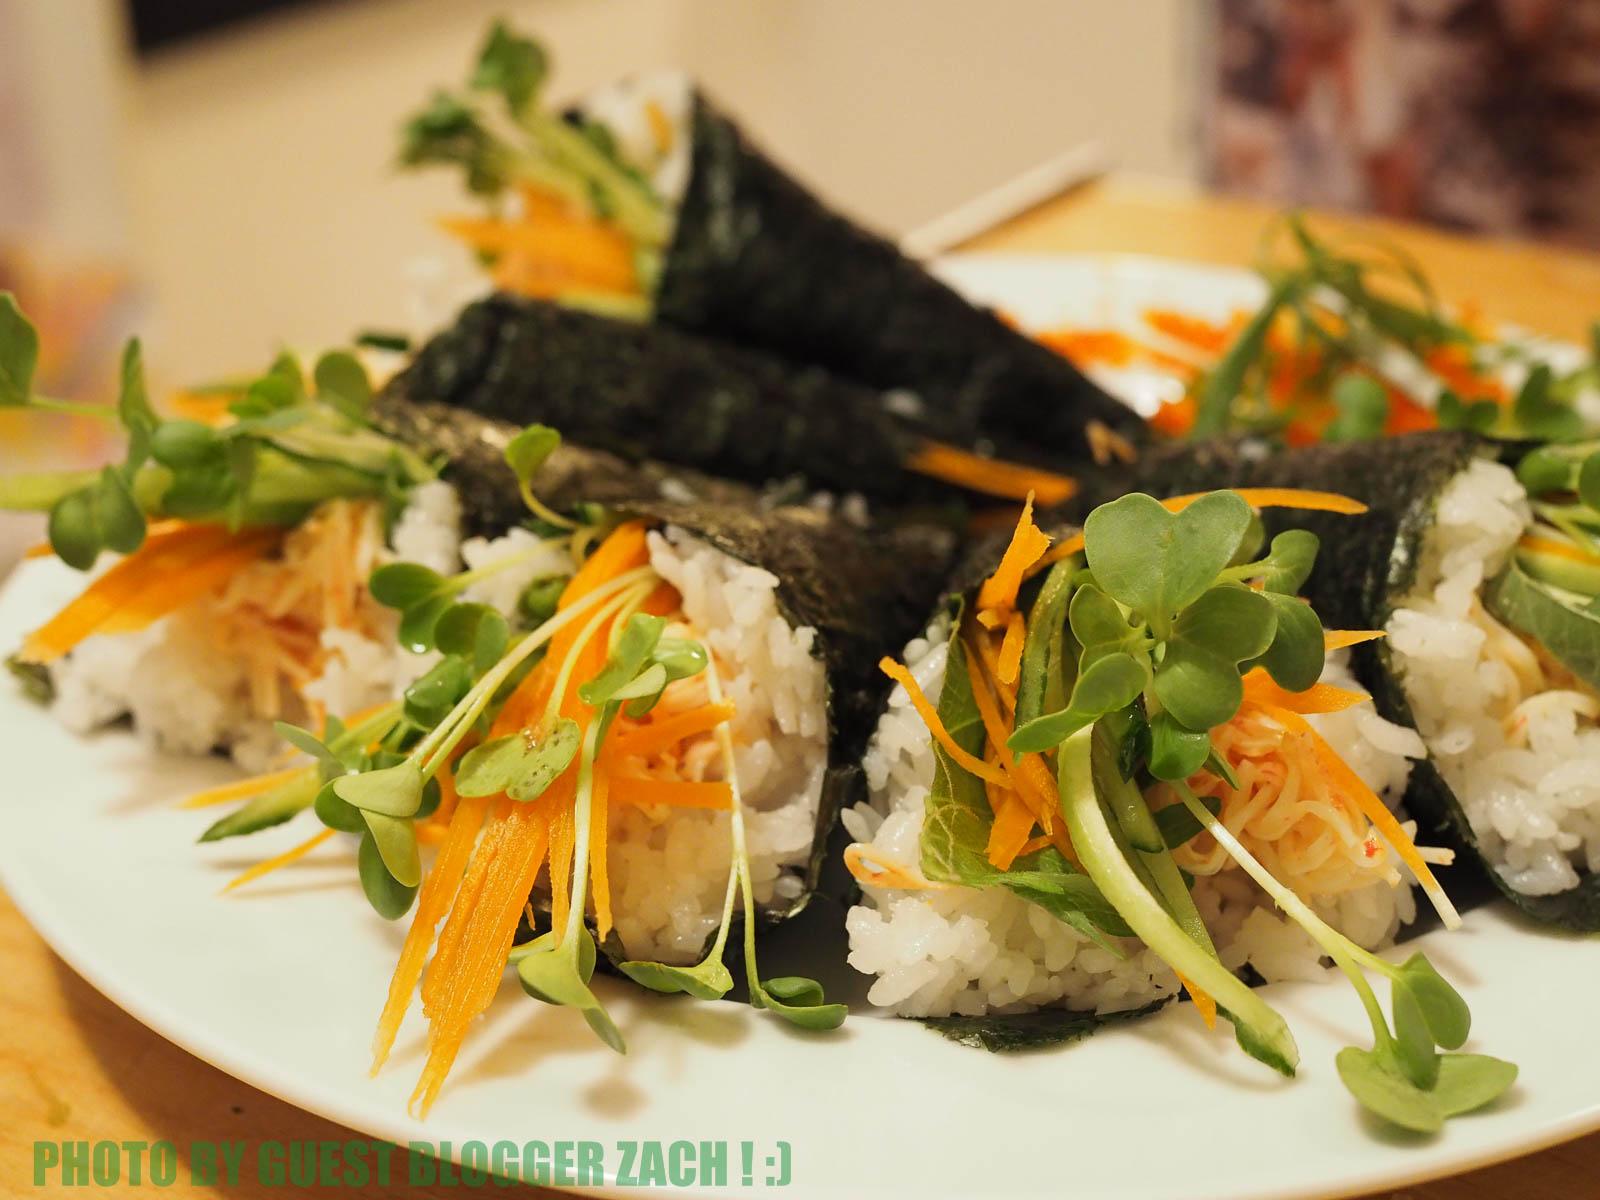 sushi-night-zach-11.jpg